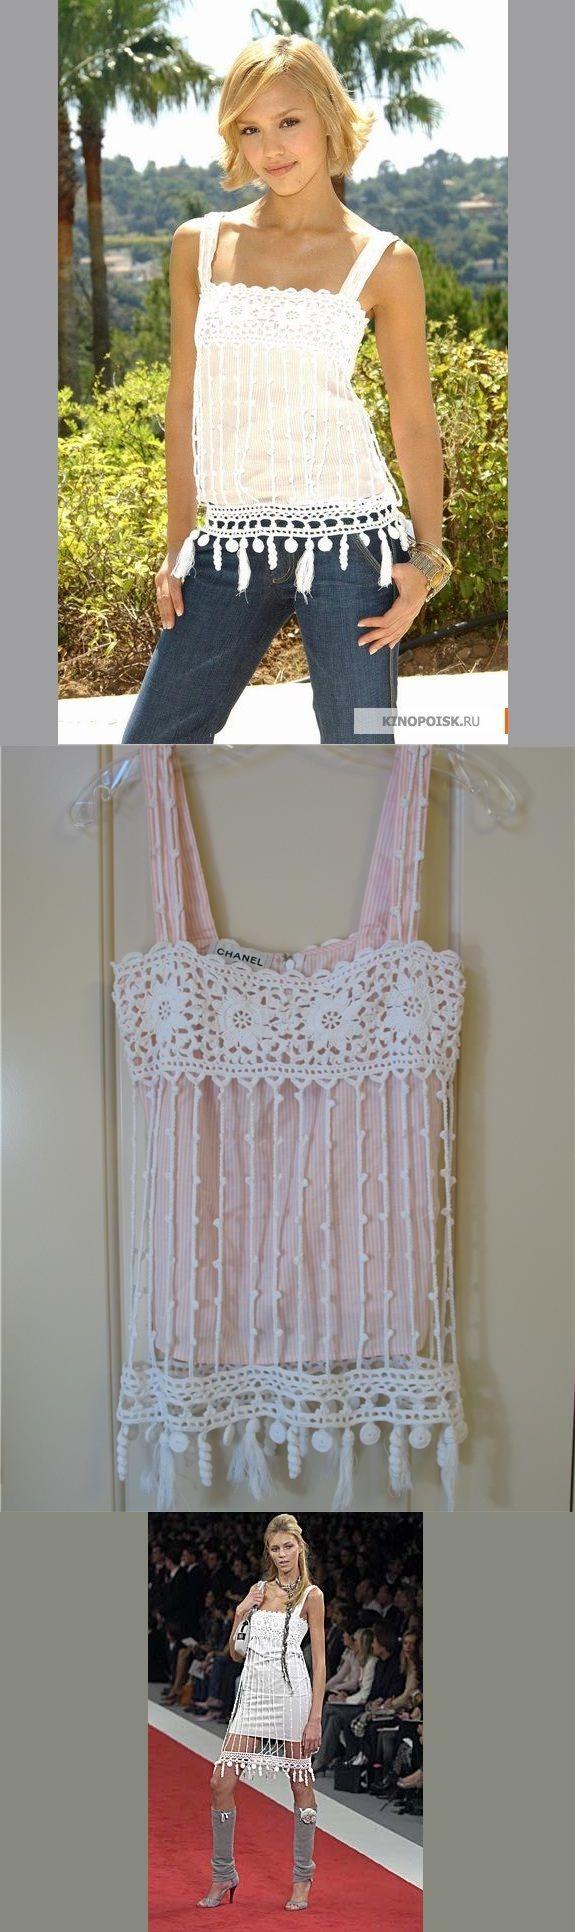 Top de Crochet Chanel - Inspiração.